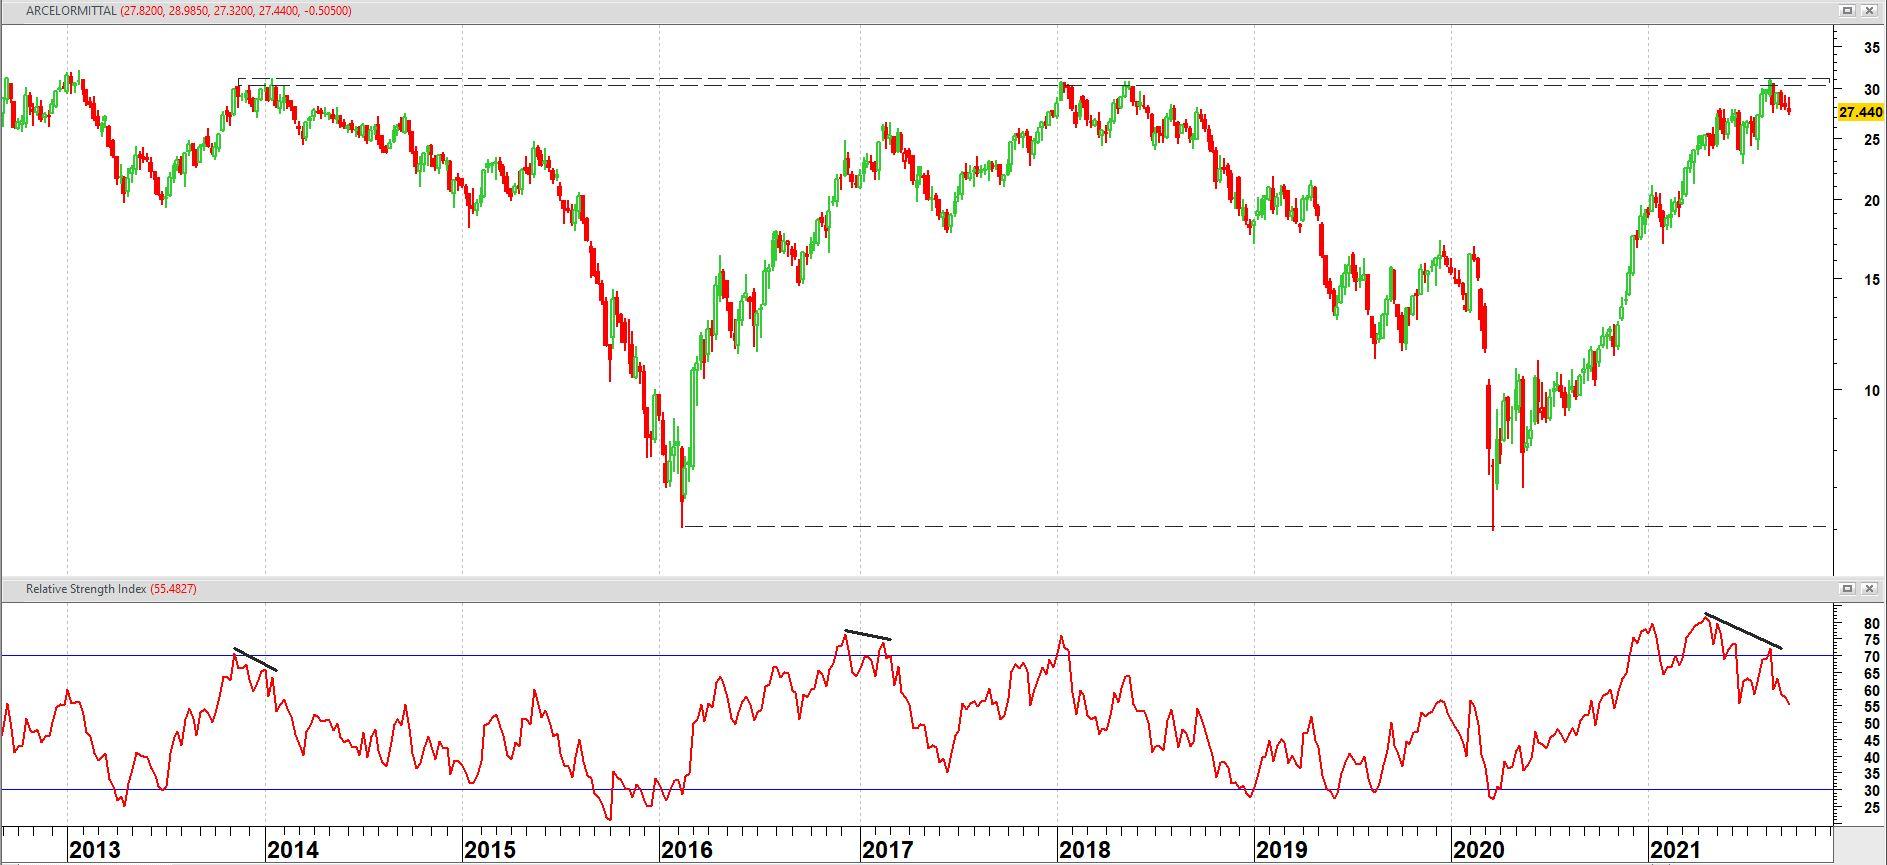 ArcelorMittal vanaf september 2021 op weekbasis + relatieve sterkte index (RSI)